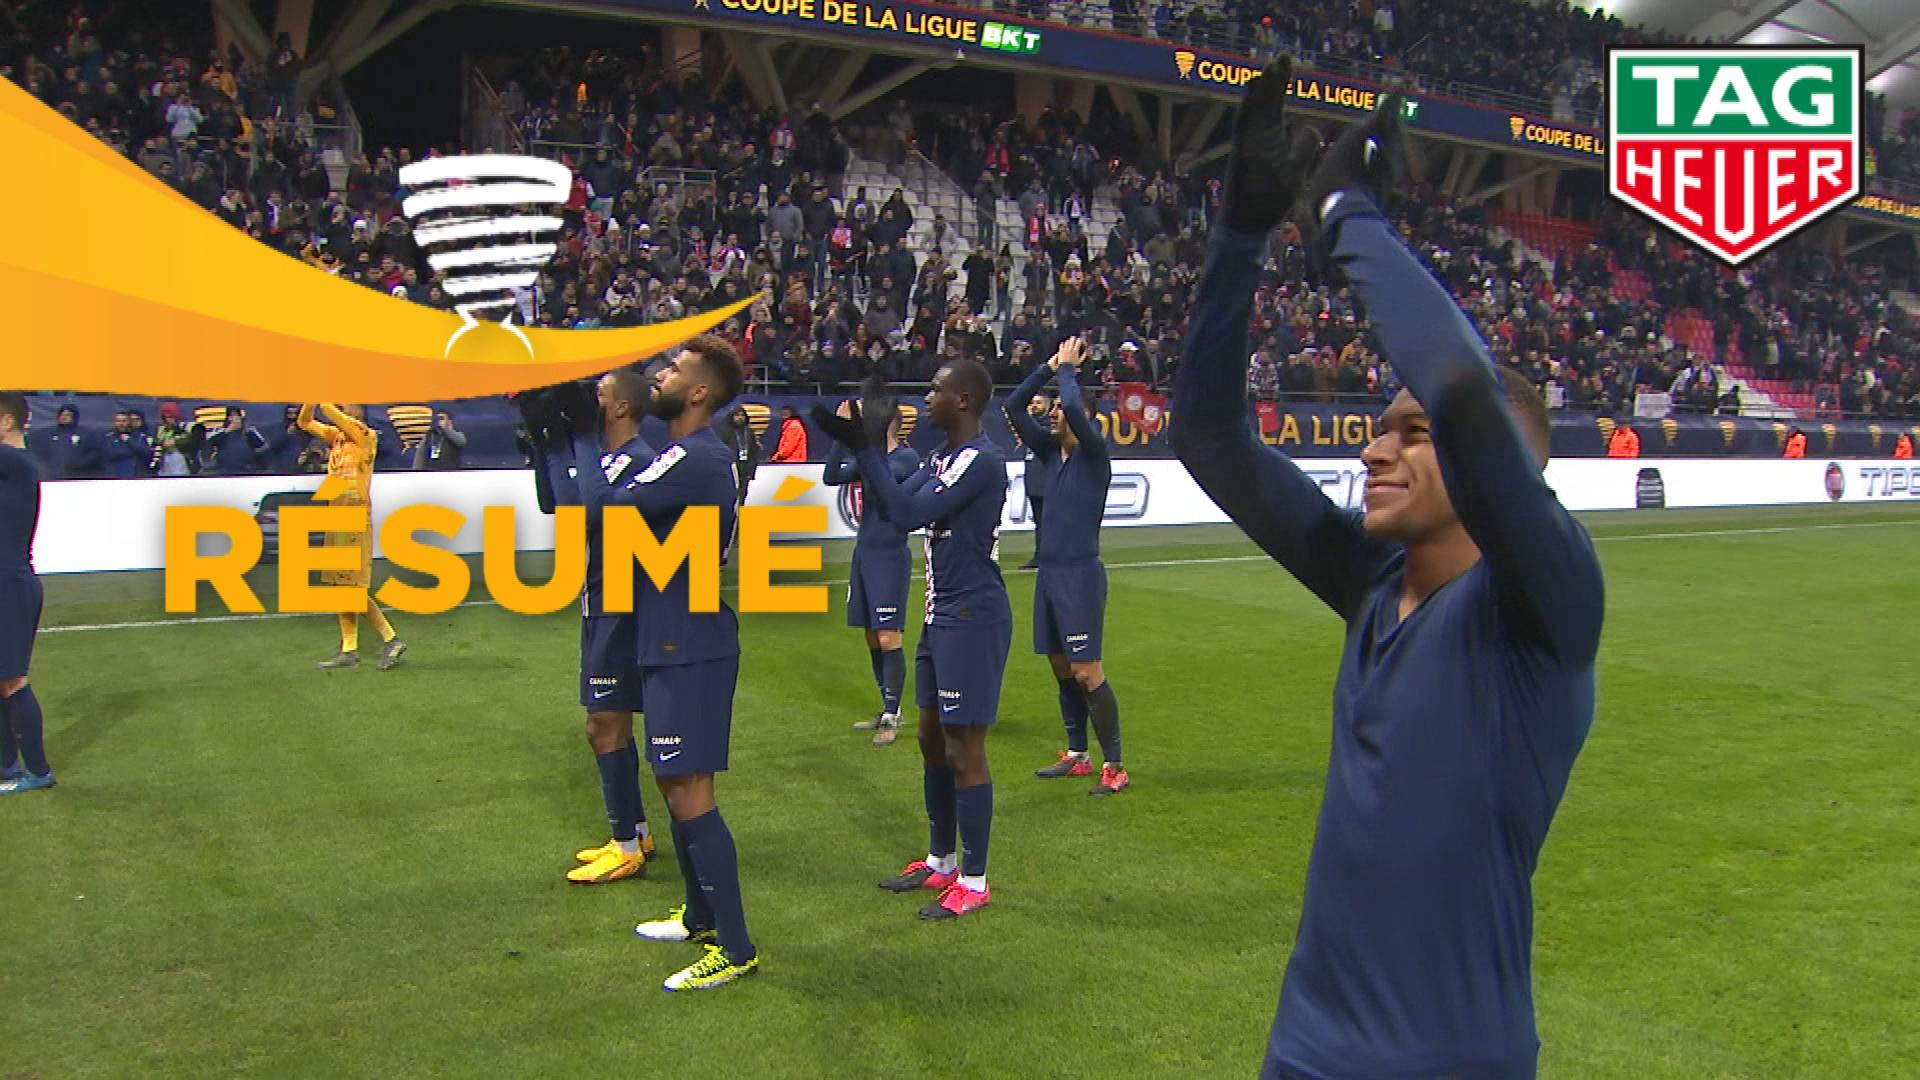 Stade de Reims - Paris Saint-Germain (0-3)  - (1/2 finale) - Résumé - (REIMS-PARIS) / 2019-20